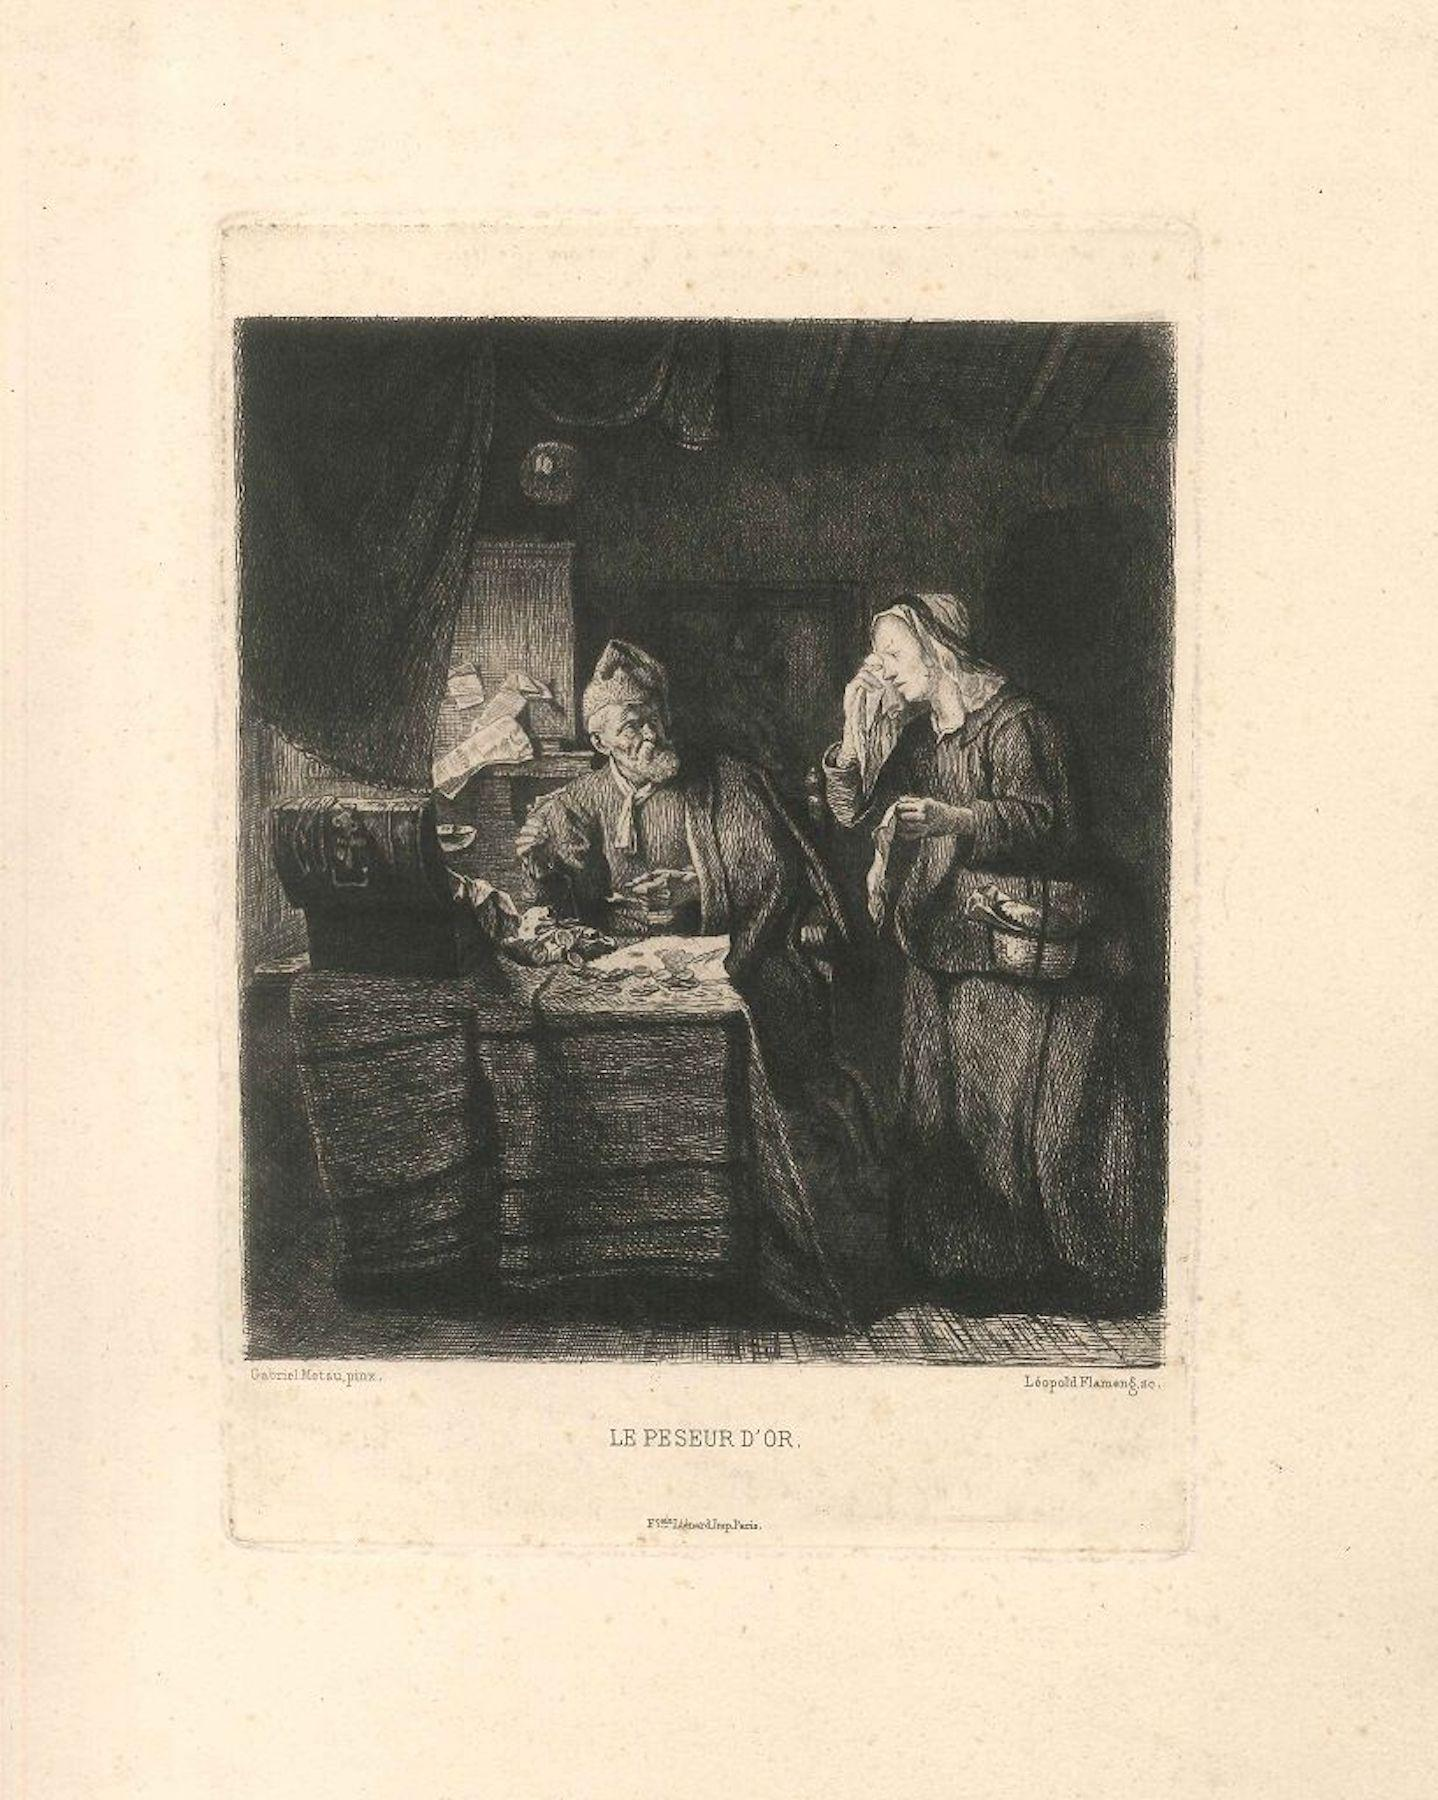 Le Peseur d'Or - Original Etching by Léopold Flameng - 1873